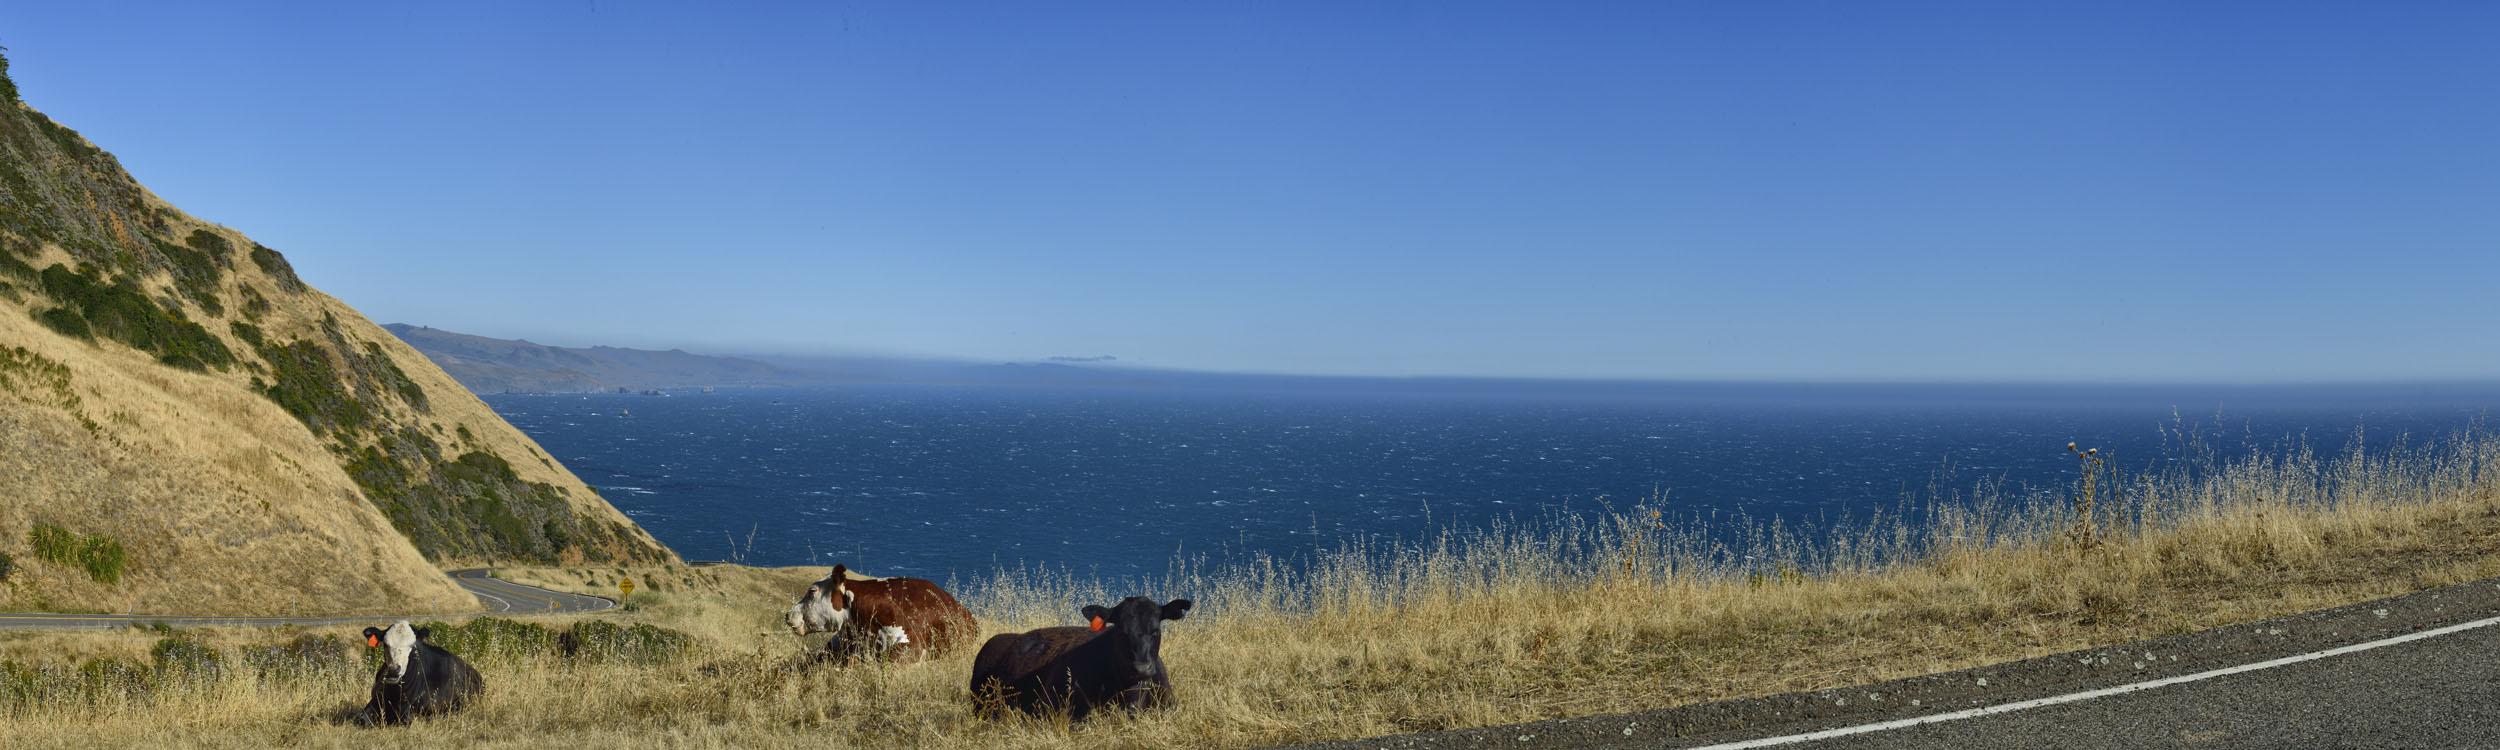 Cows Resting, CA